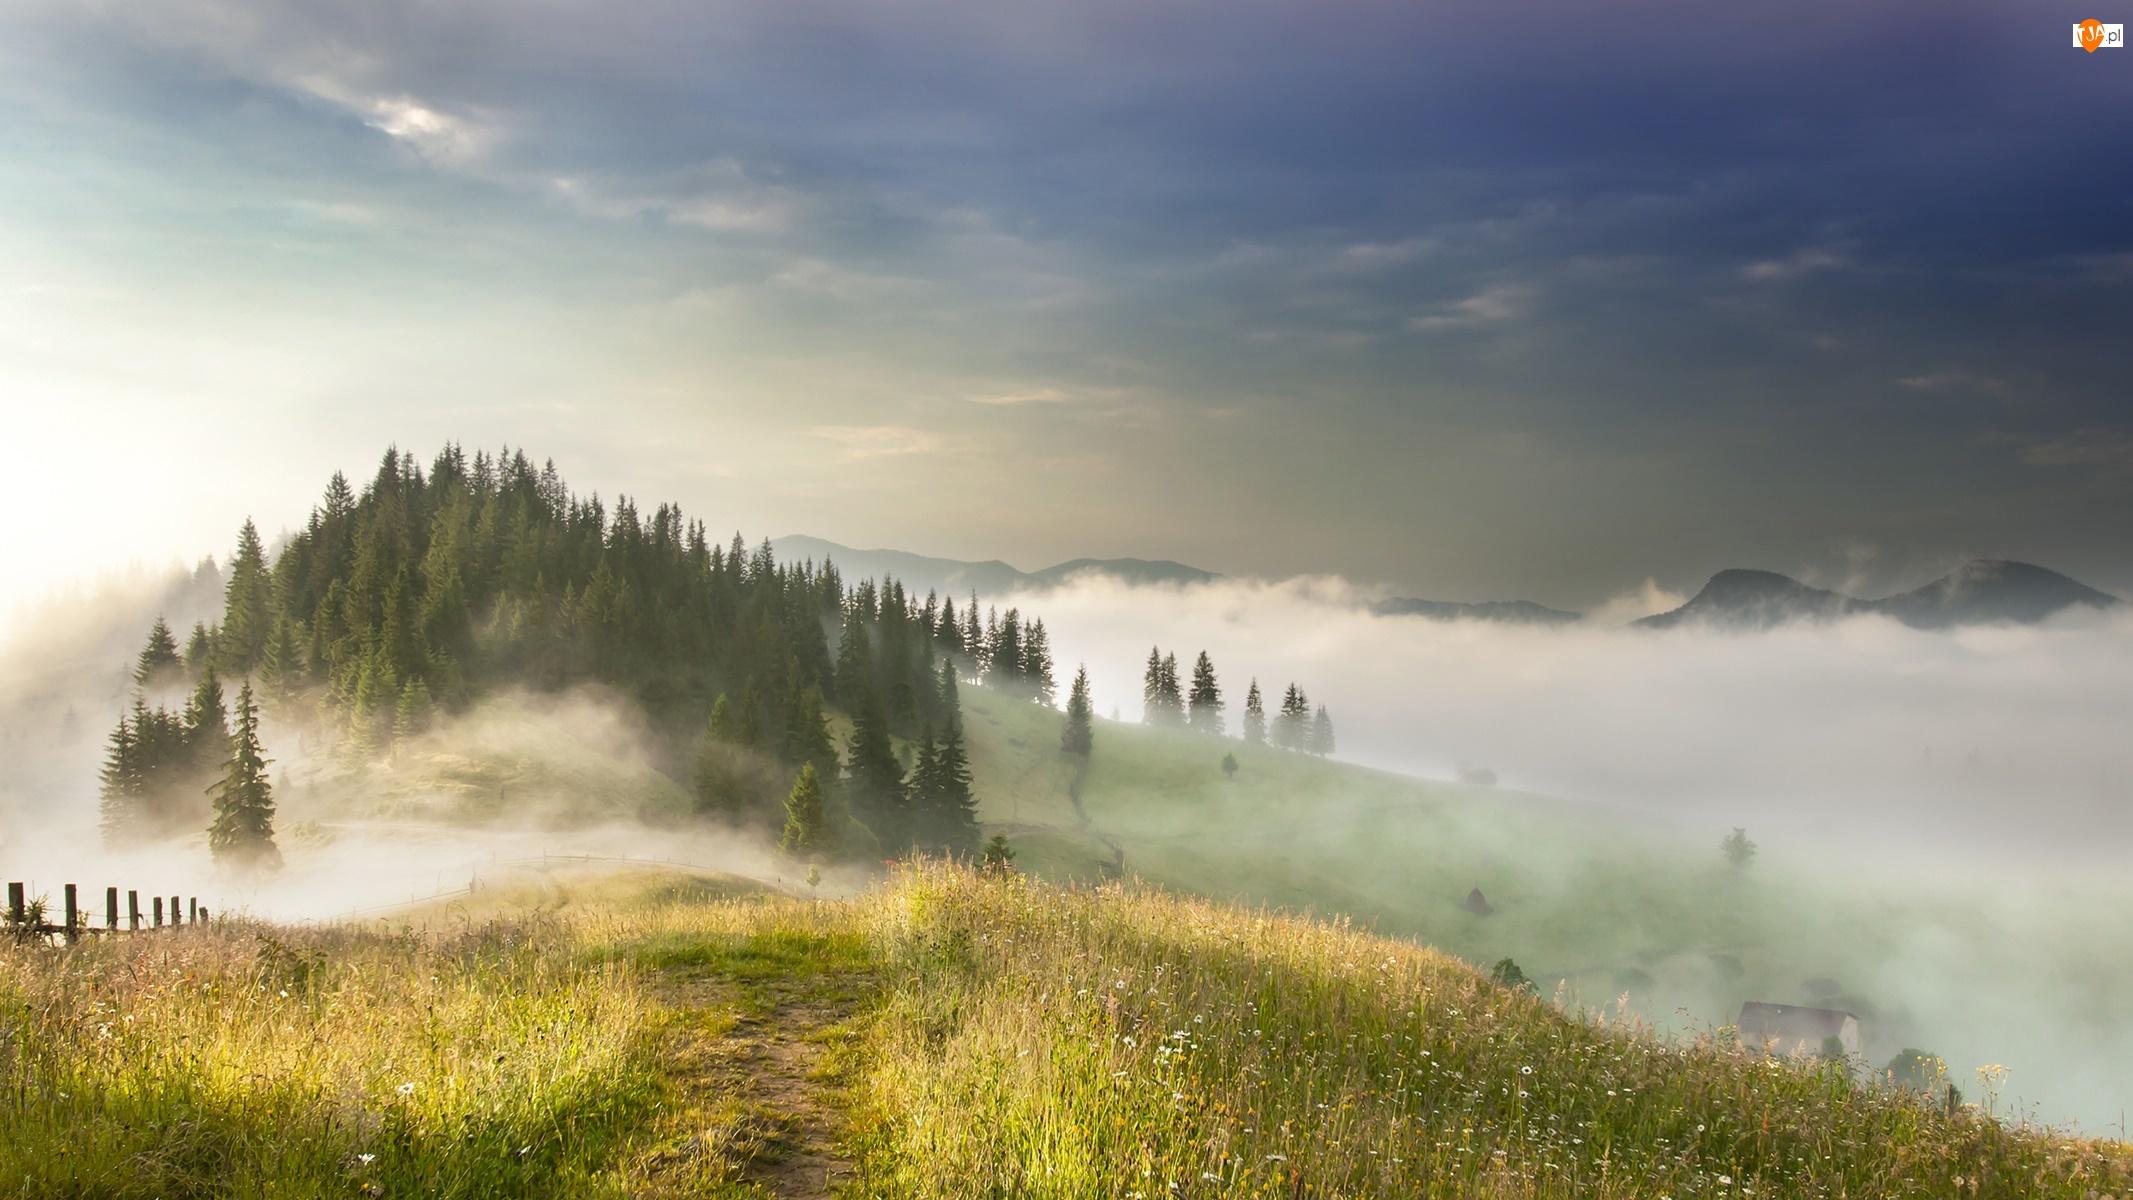 Góry Karpaty, Mgła, Ukraina, Drzewa, Ścieżka, Poranek